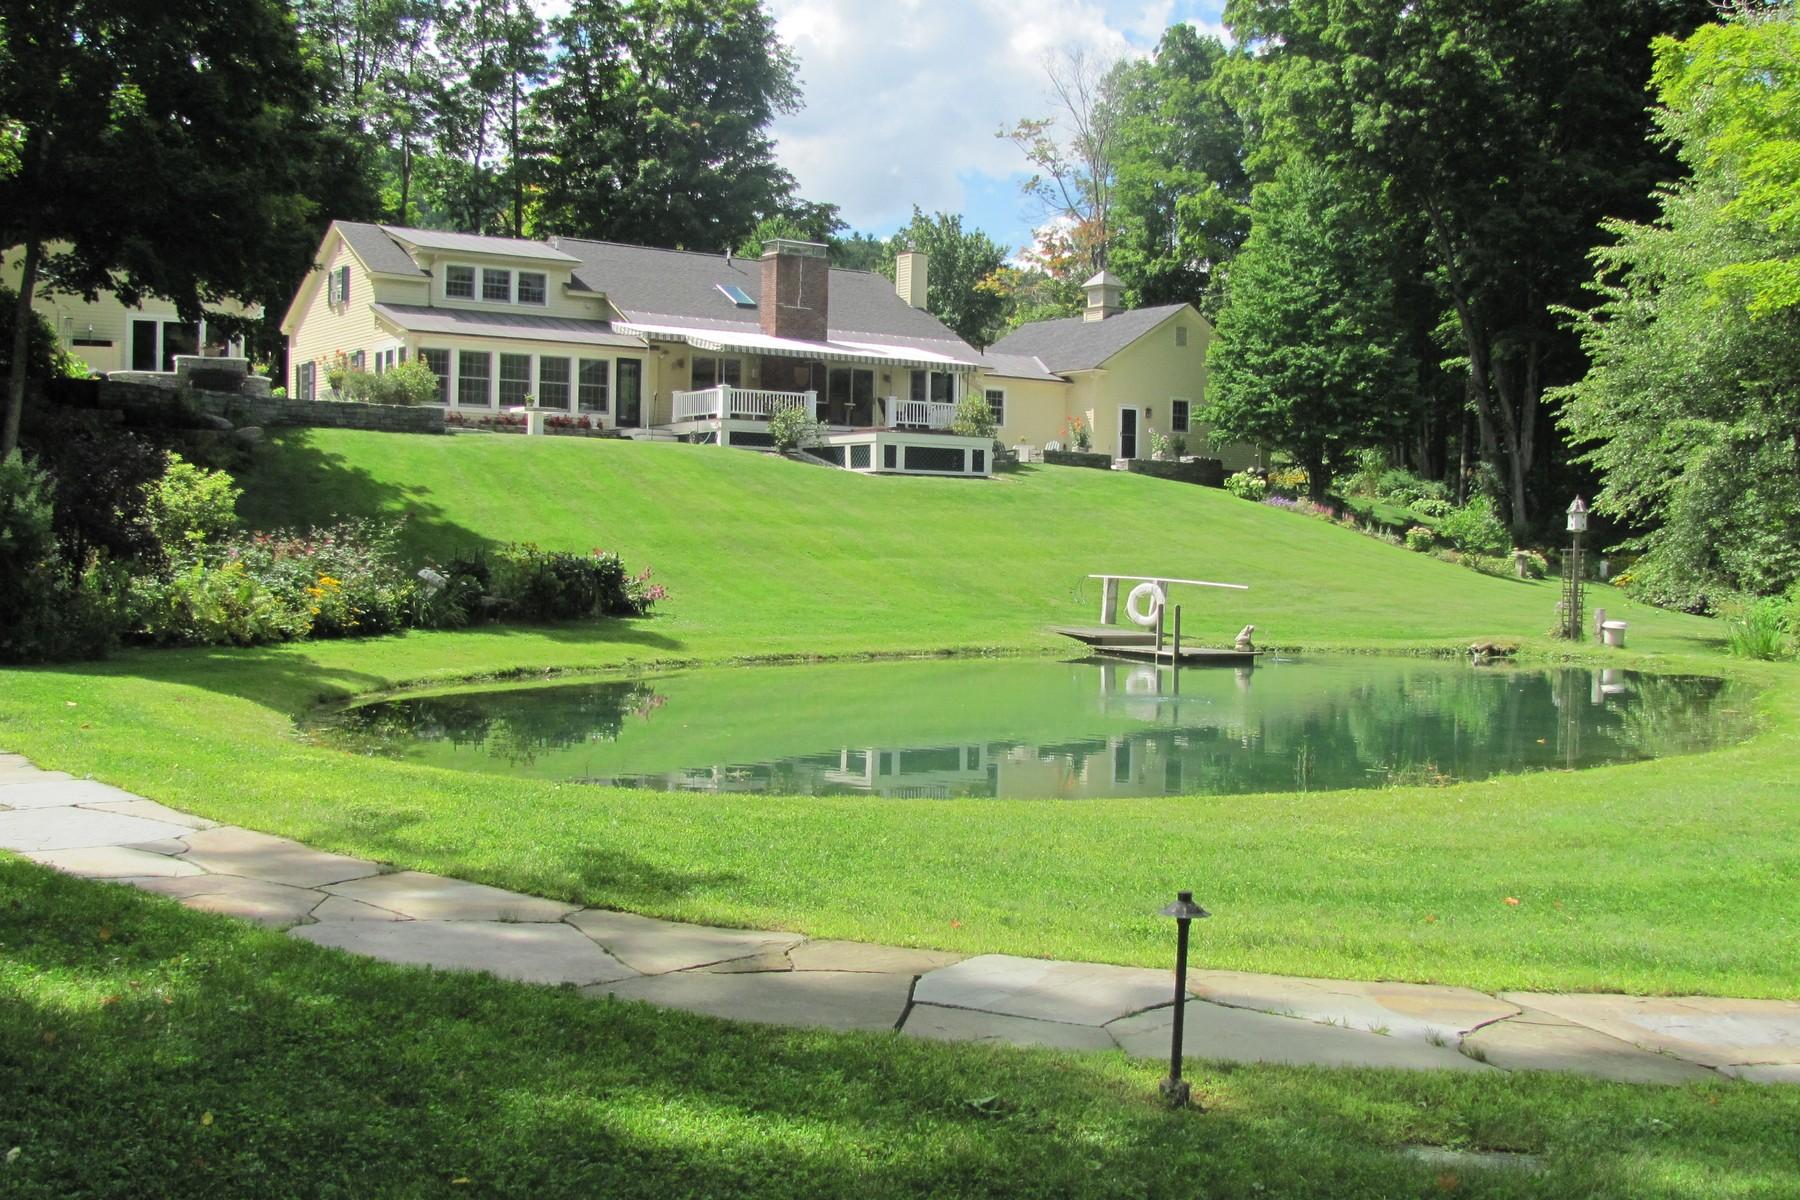 Maison unifamiliale pour l Vente à Dorset Hollow Cape- Mettowee River Frontage 291 Lower Hollow Rd Dorset, Vermont, 05251 États-Unis